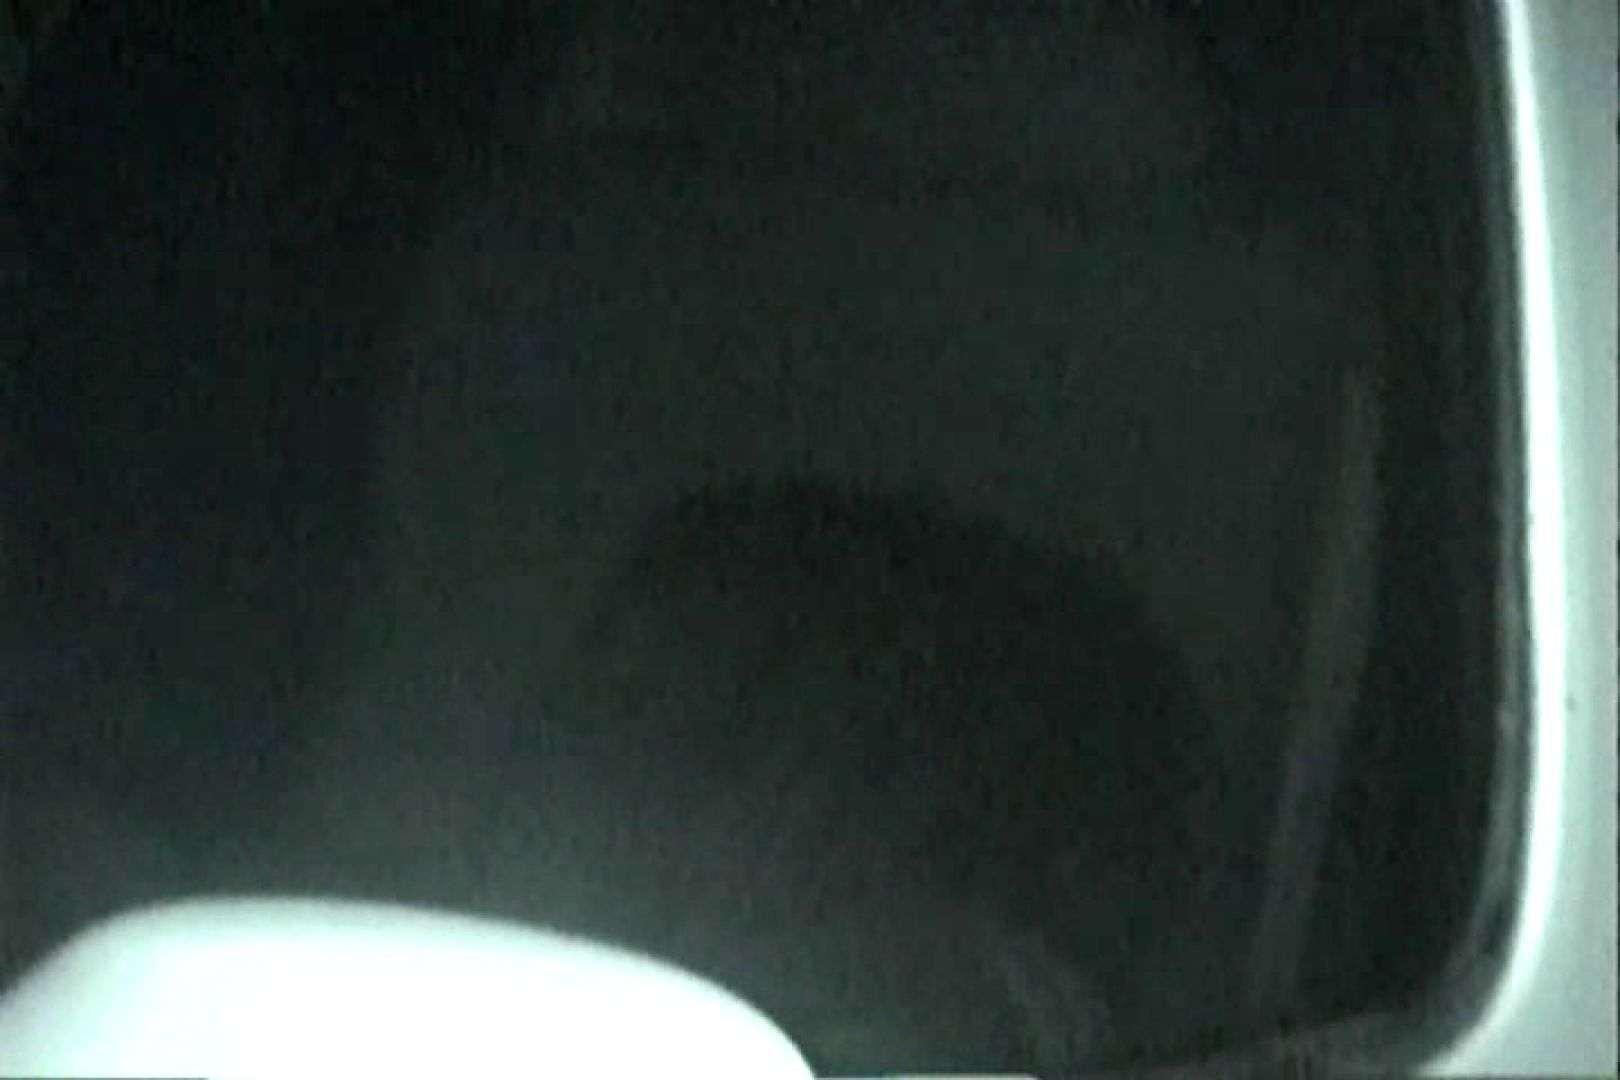 充血監督の深夜の運動会Vol.129 OL女体 オマンコ無修正動画無料 85連発 26